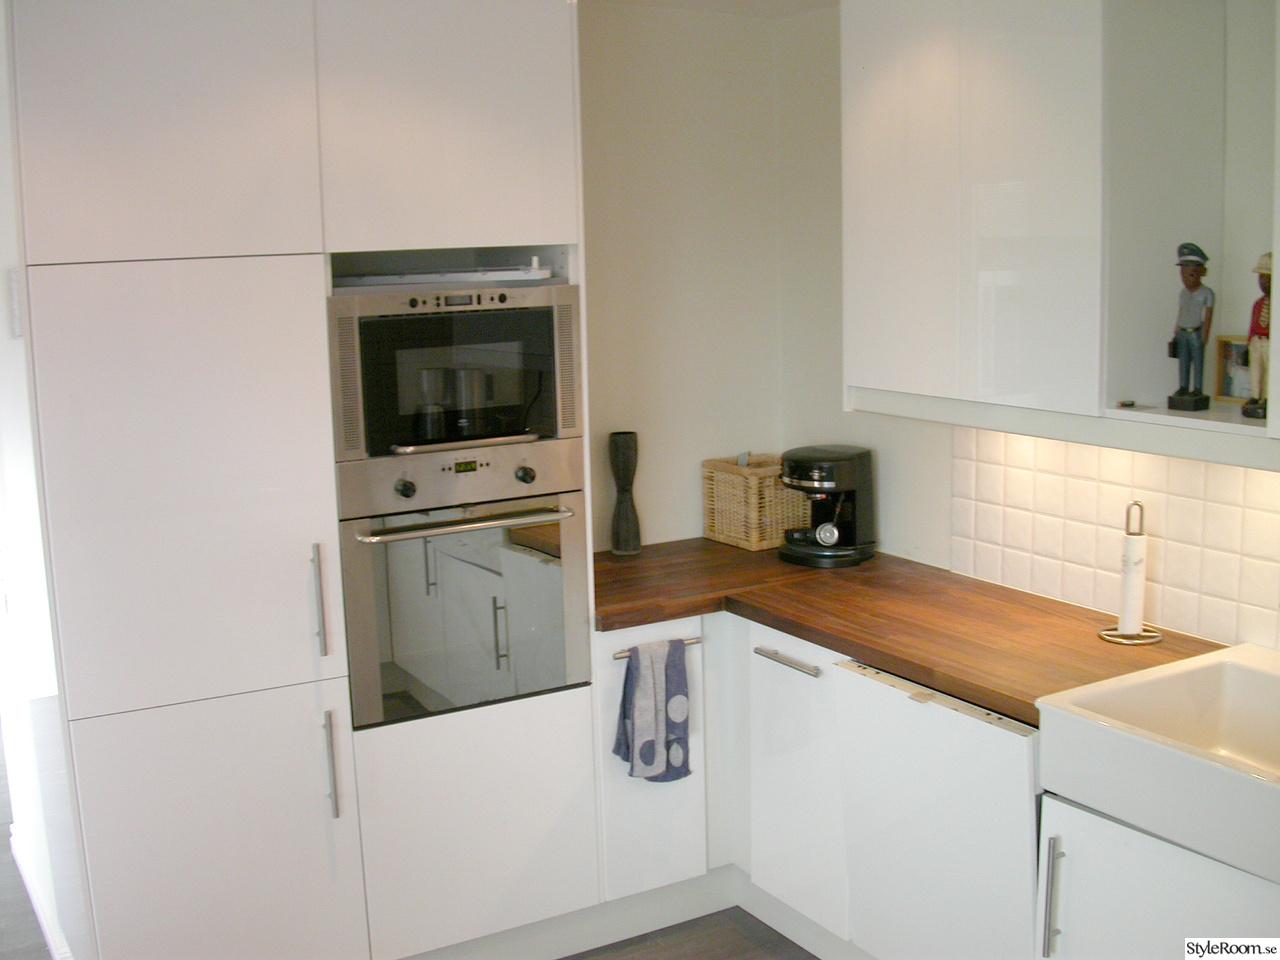 Ikea Schrank Transportieren ~ faktum köksluckor  ikea kök,bänkskiva,kök